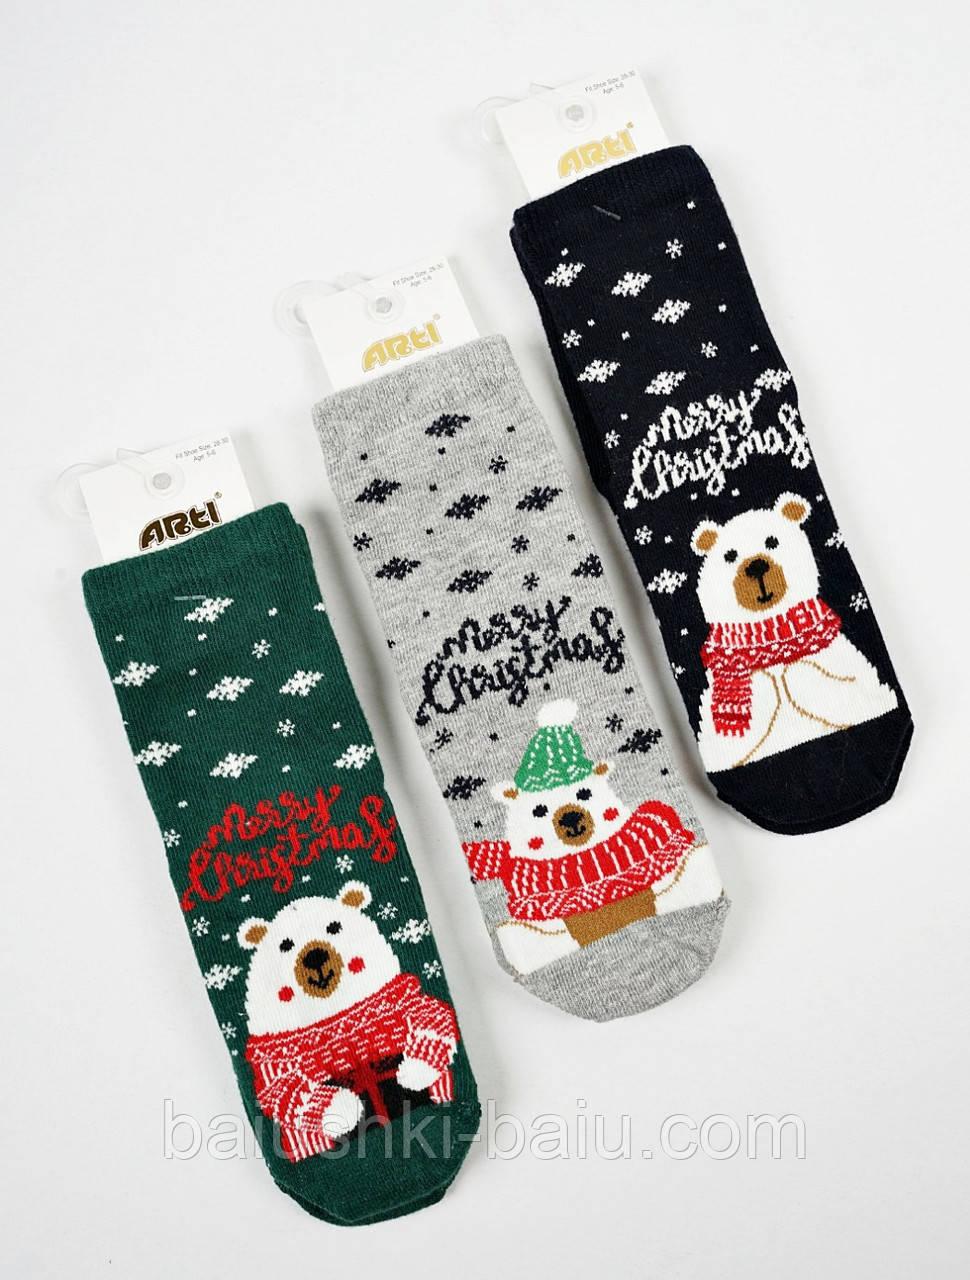 Детские хлопковые носки, р. 1-2 года, Турция